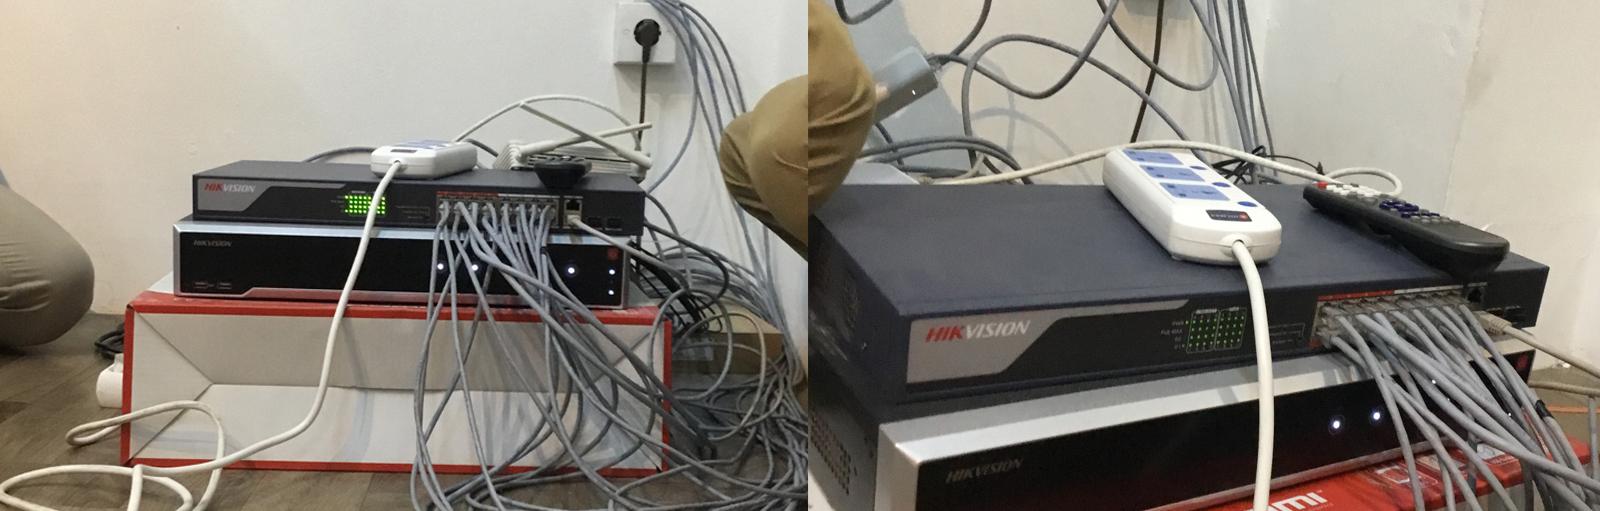 Wiring Management Jakarta